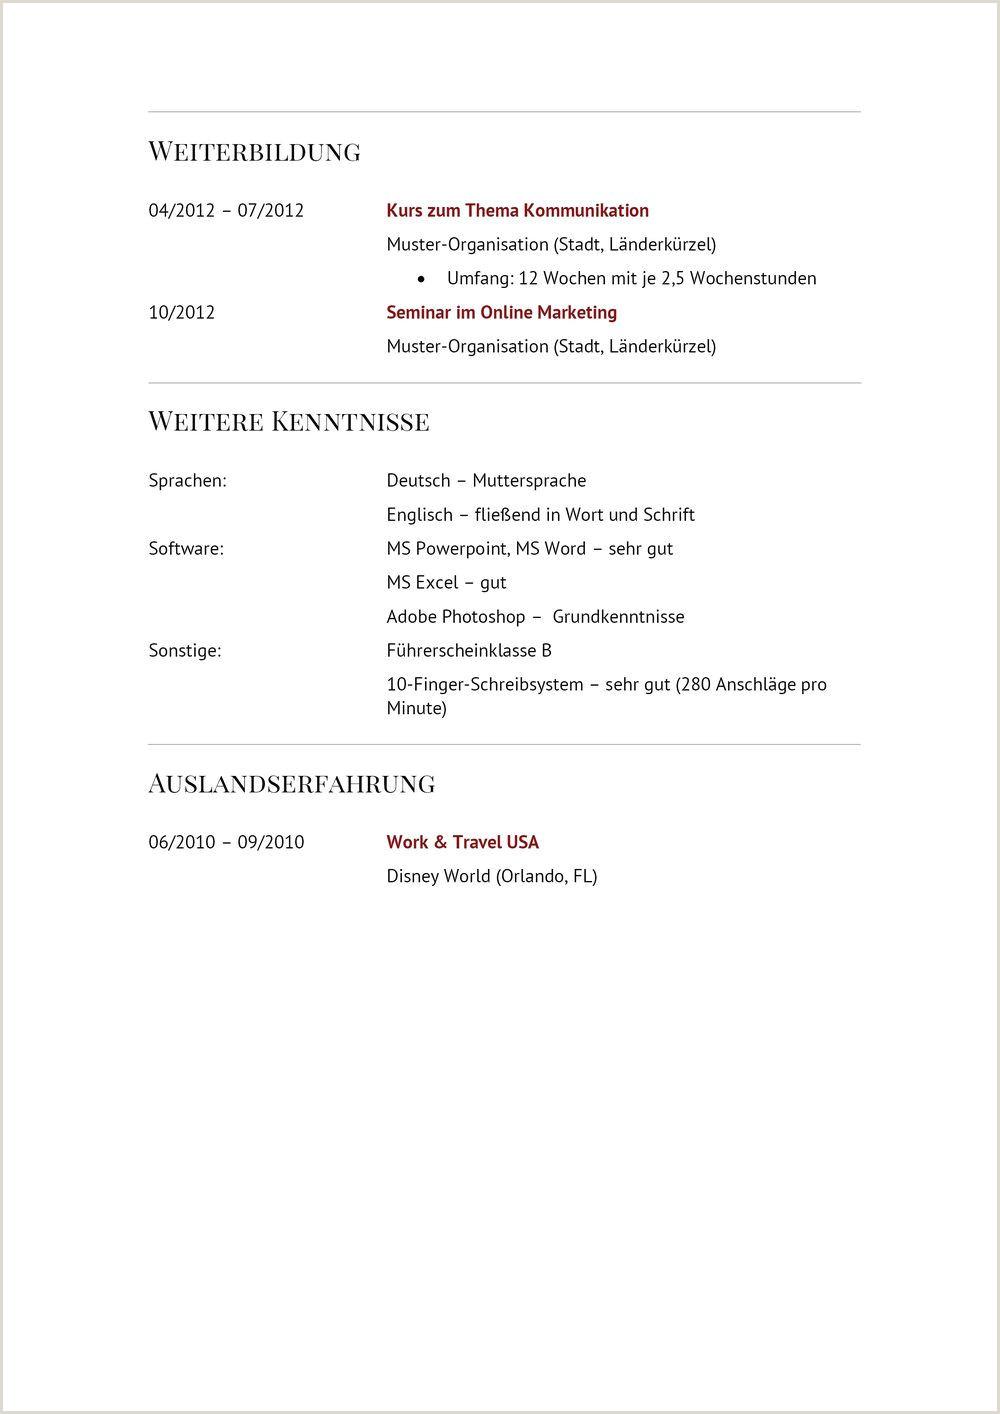 Lebenslauf Cfo Muster 9 10 Es Spezialist Lebenslauf Beispiele